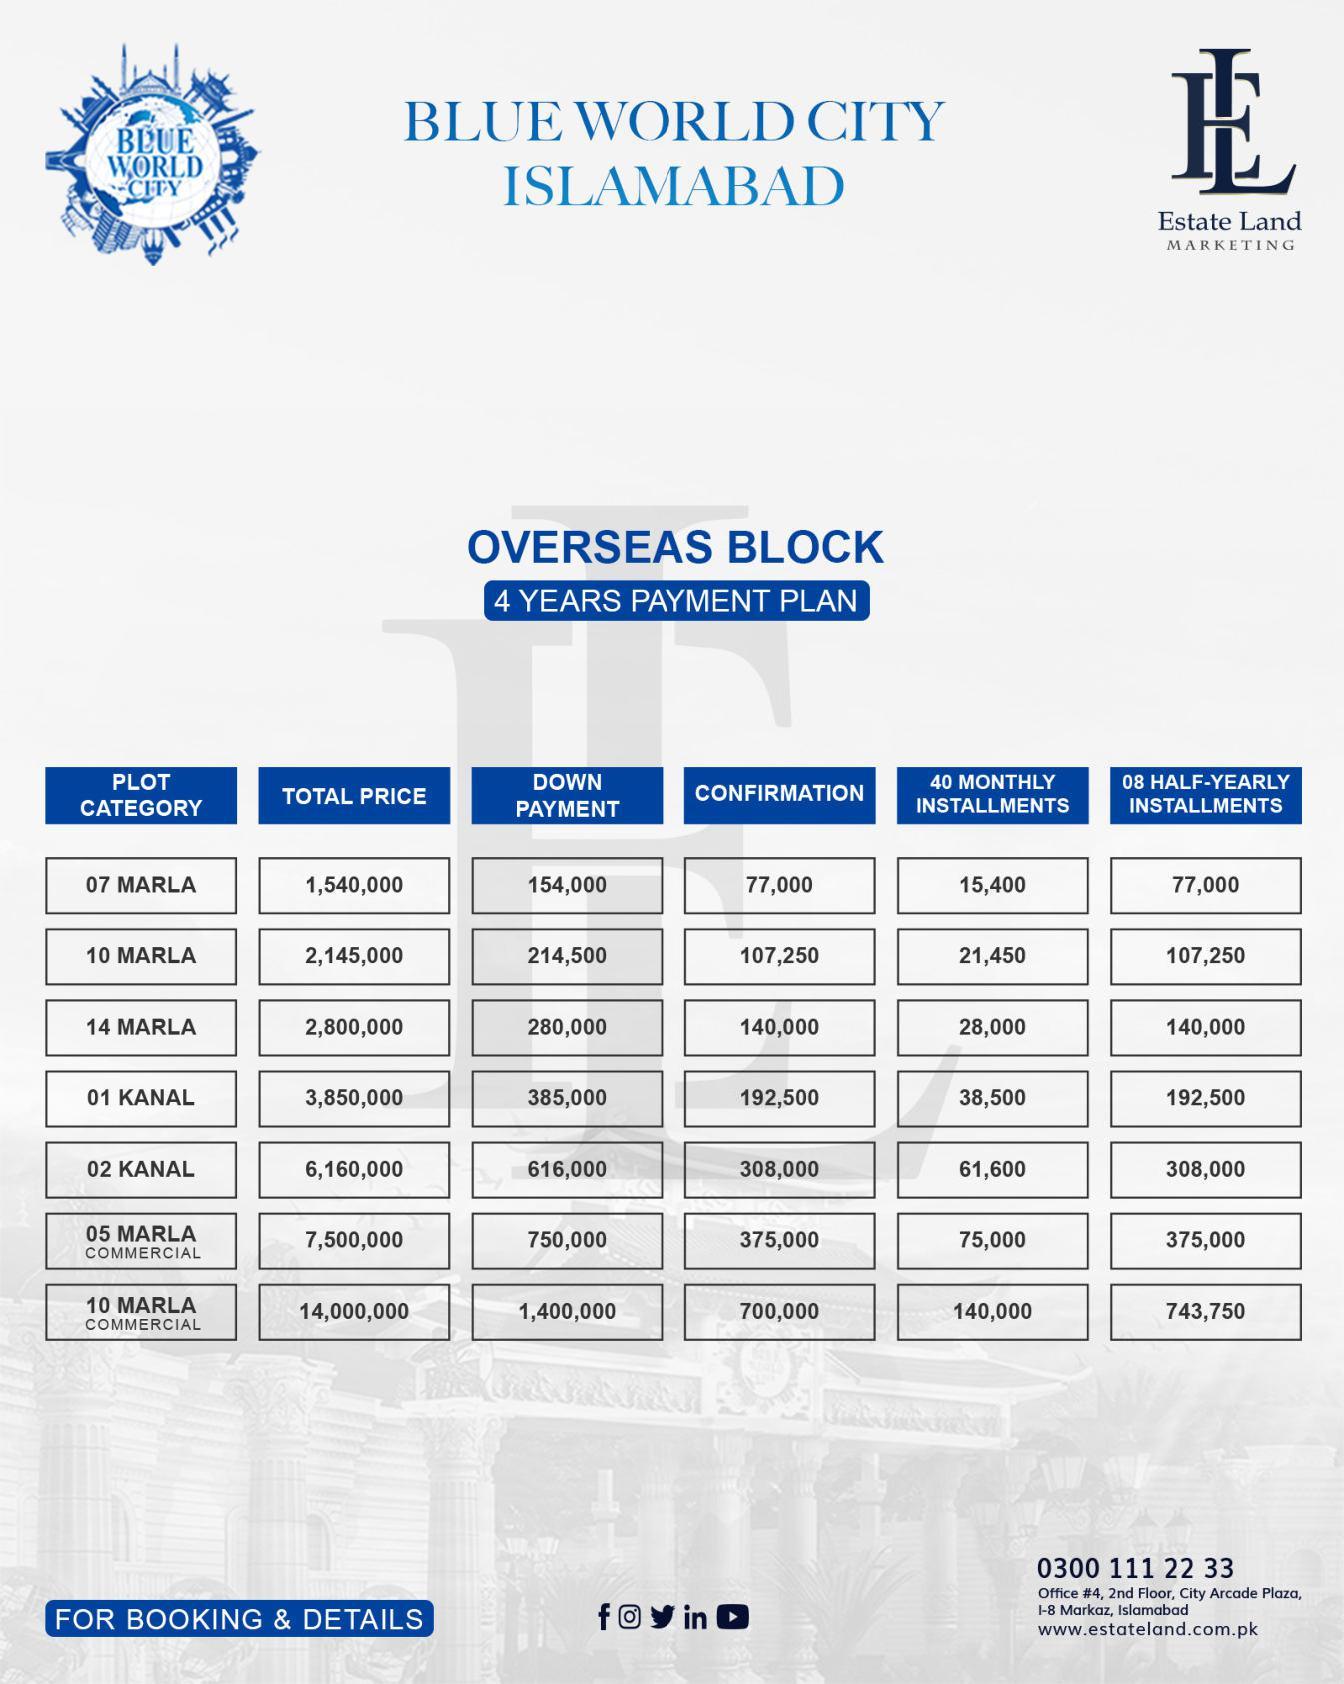 blue world city overseas block new payment plan